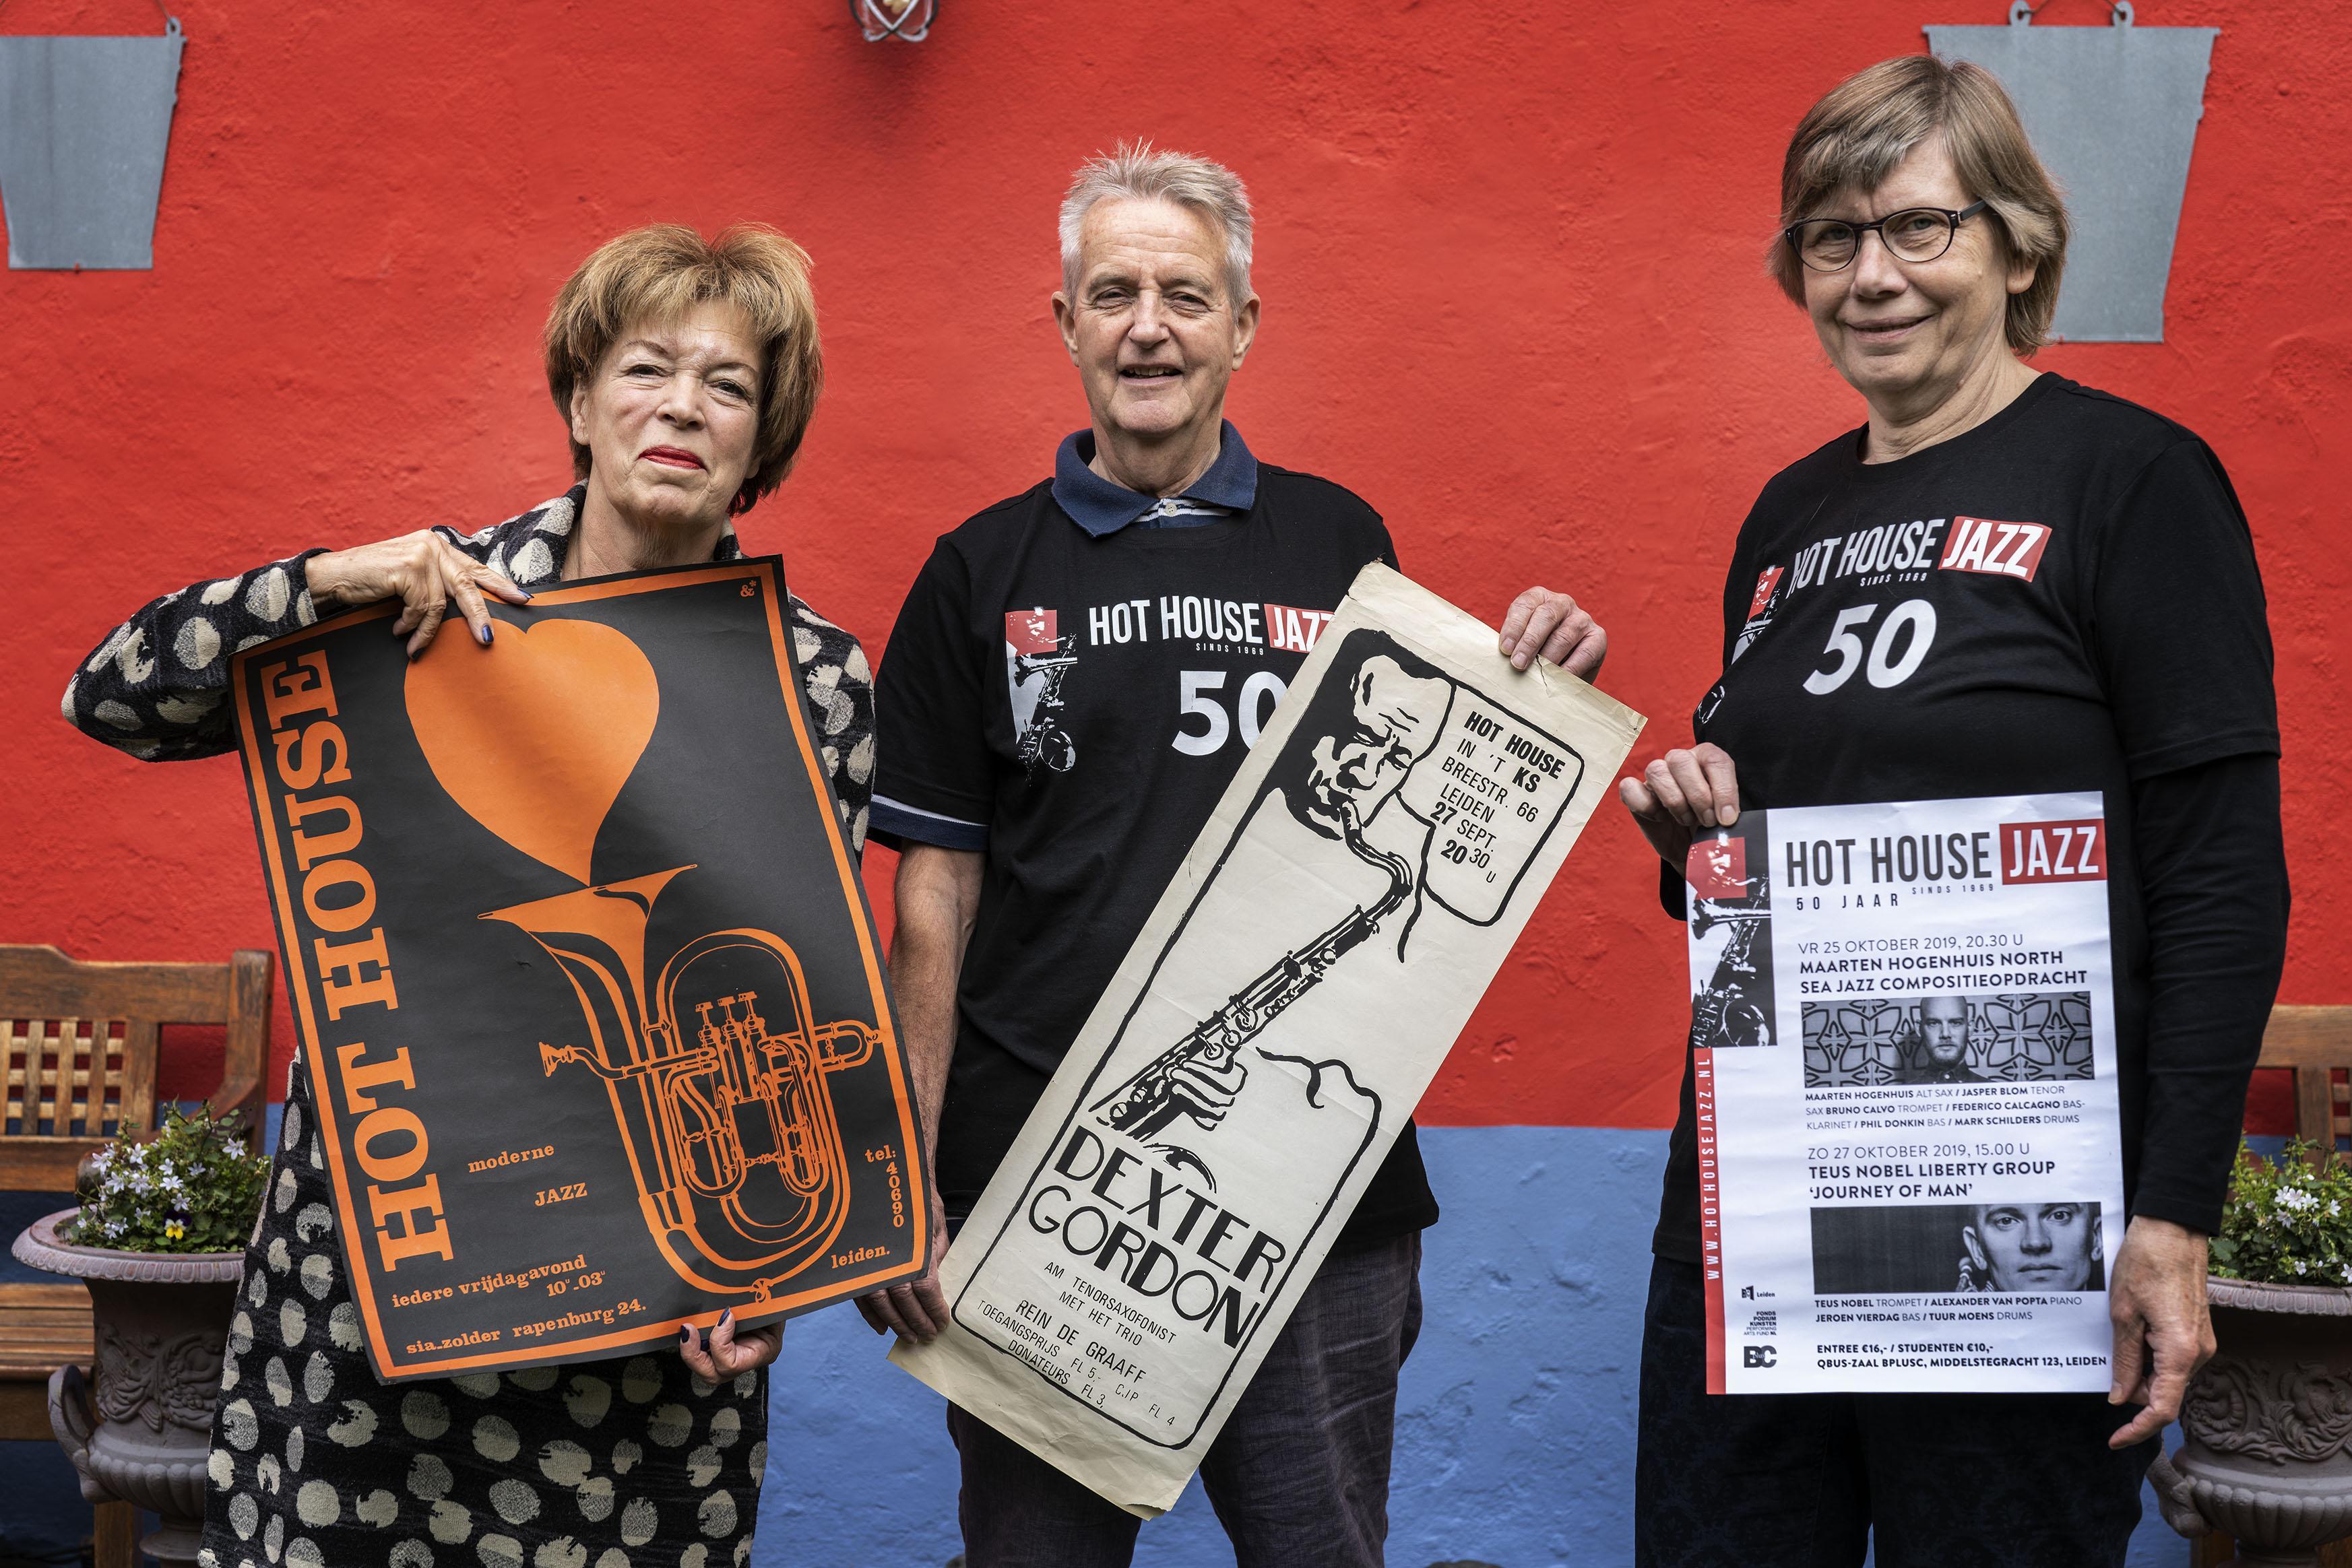 Hot House tekent voor vijftig jaar jazzconcerten in Leiden: 'Samenwerking broodnodig tussen de podia'